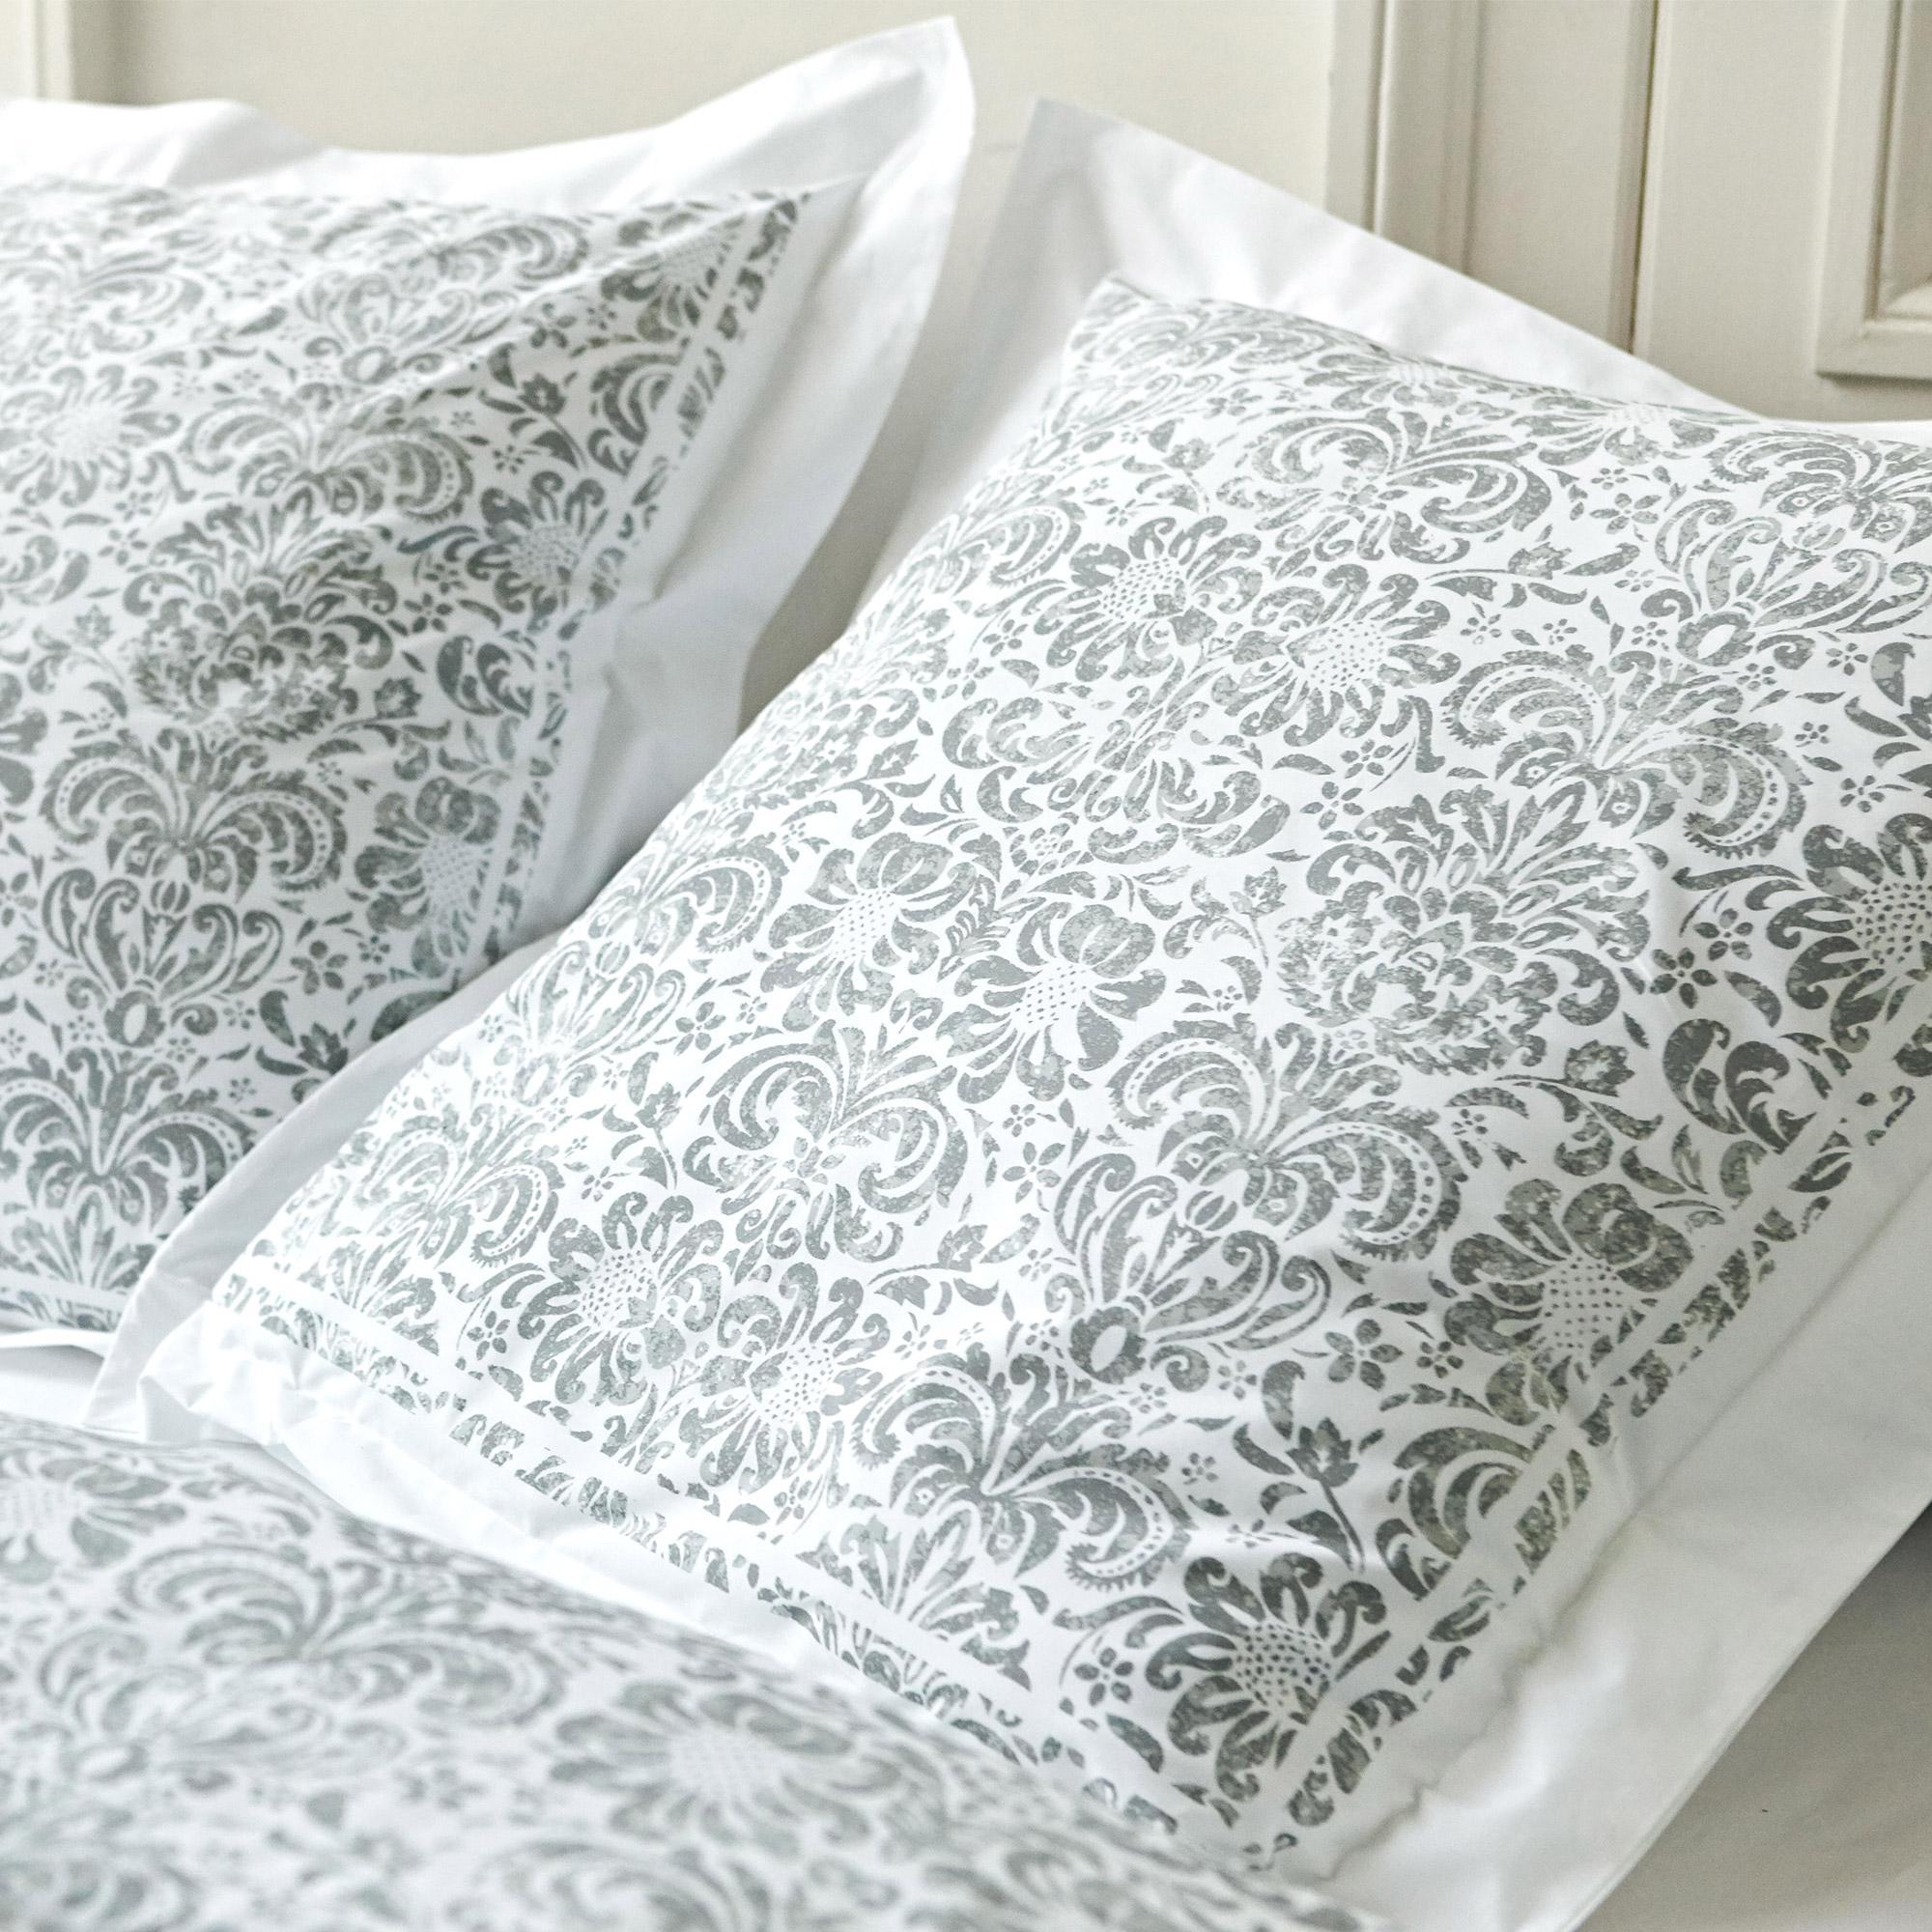 taie d 39 oreiller 65x65 cm percale pur coton amboise gris linnea linge de maison et. Black Bedroom Furniture Sets. Home Design Ideas